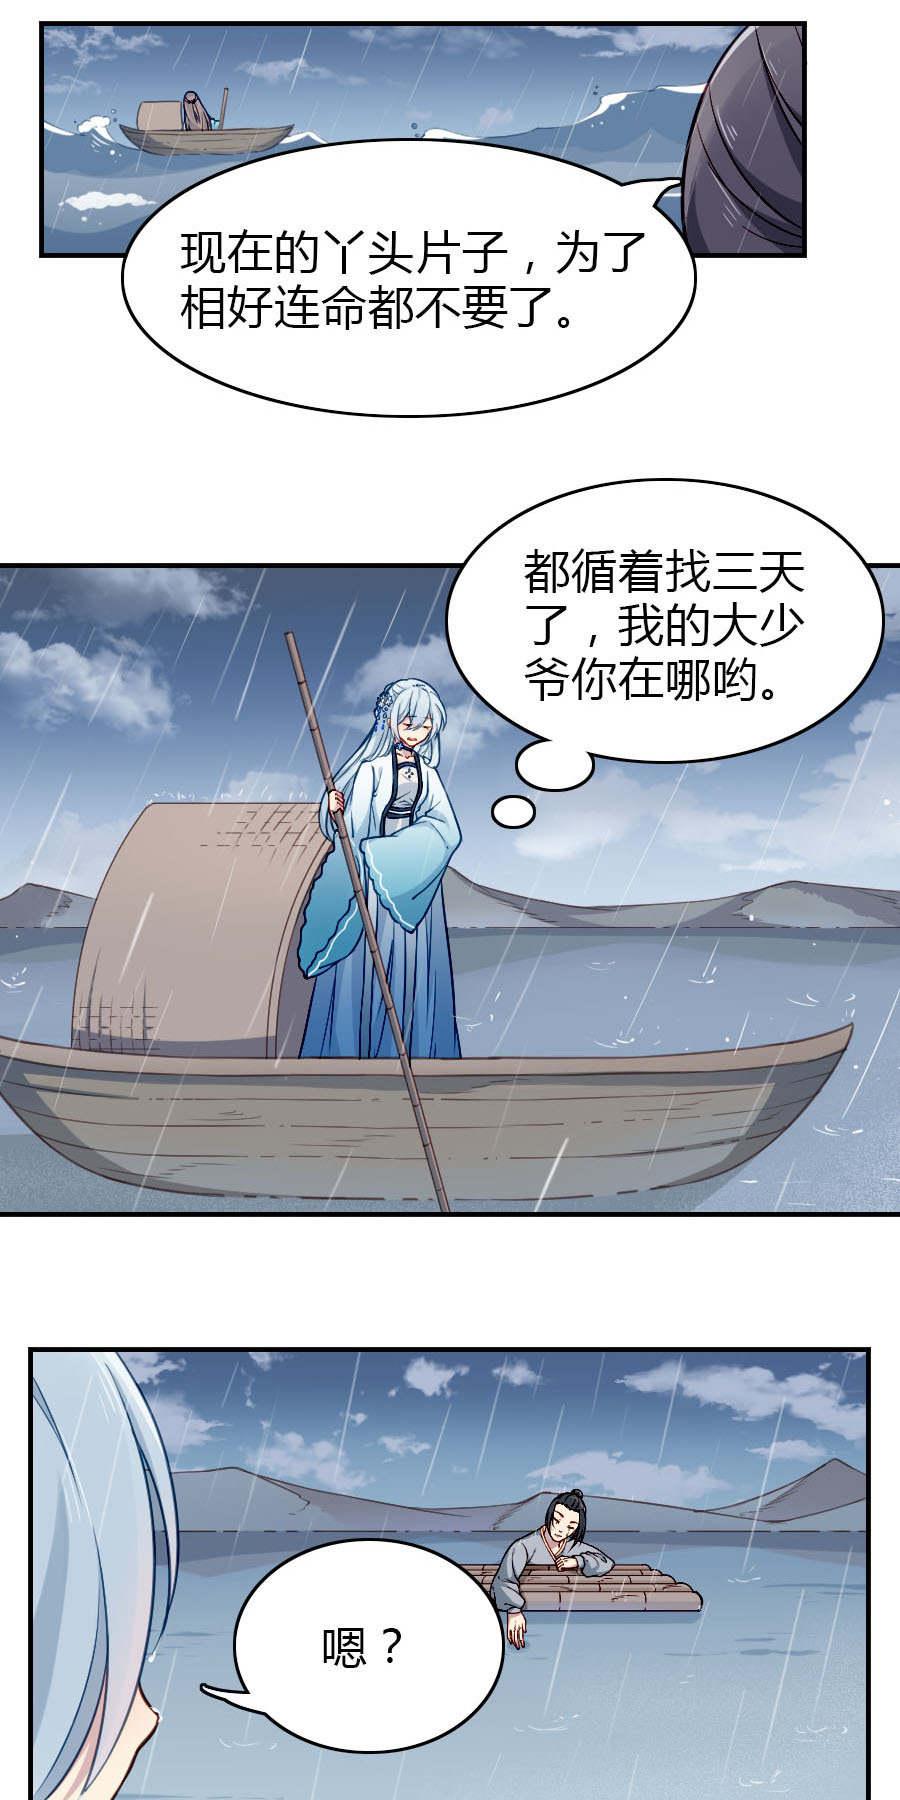 少年游第26话  红灯笼红 贪欲乃剧毒 第 10